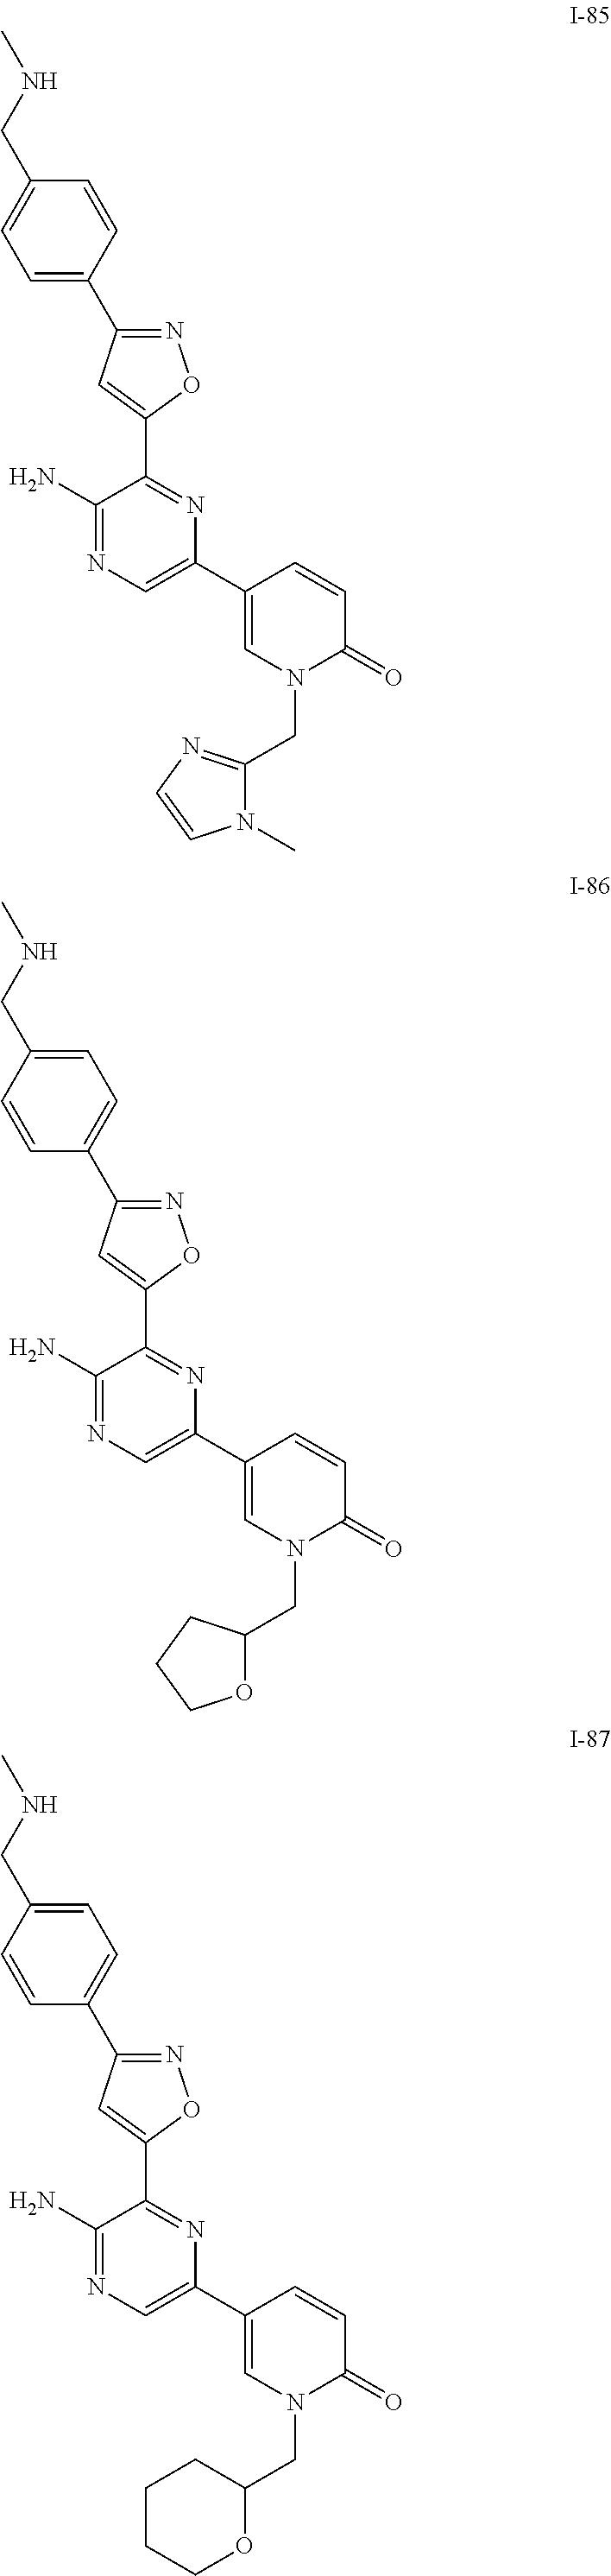 Figure US09630956-20170425-C00246